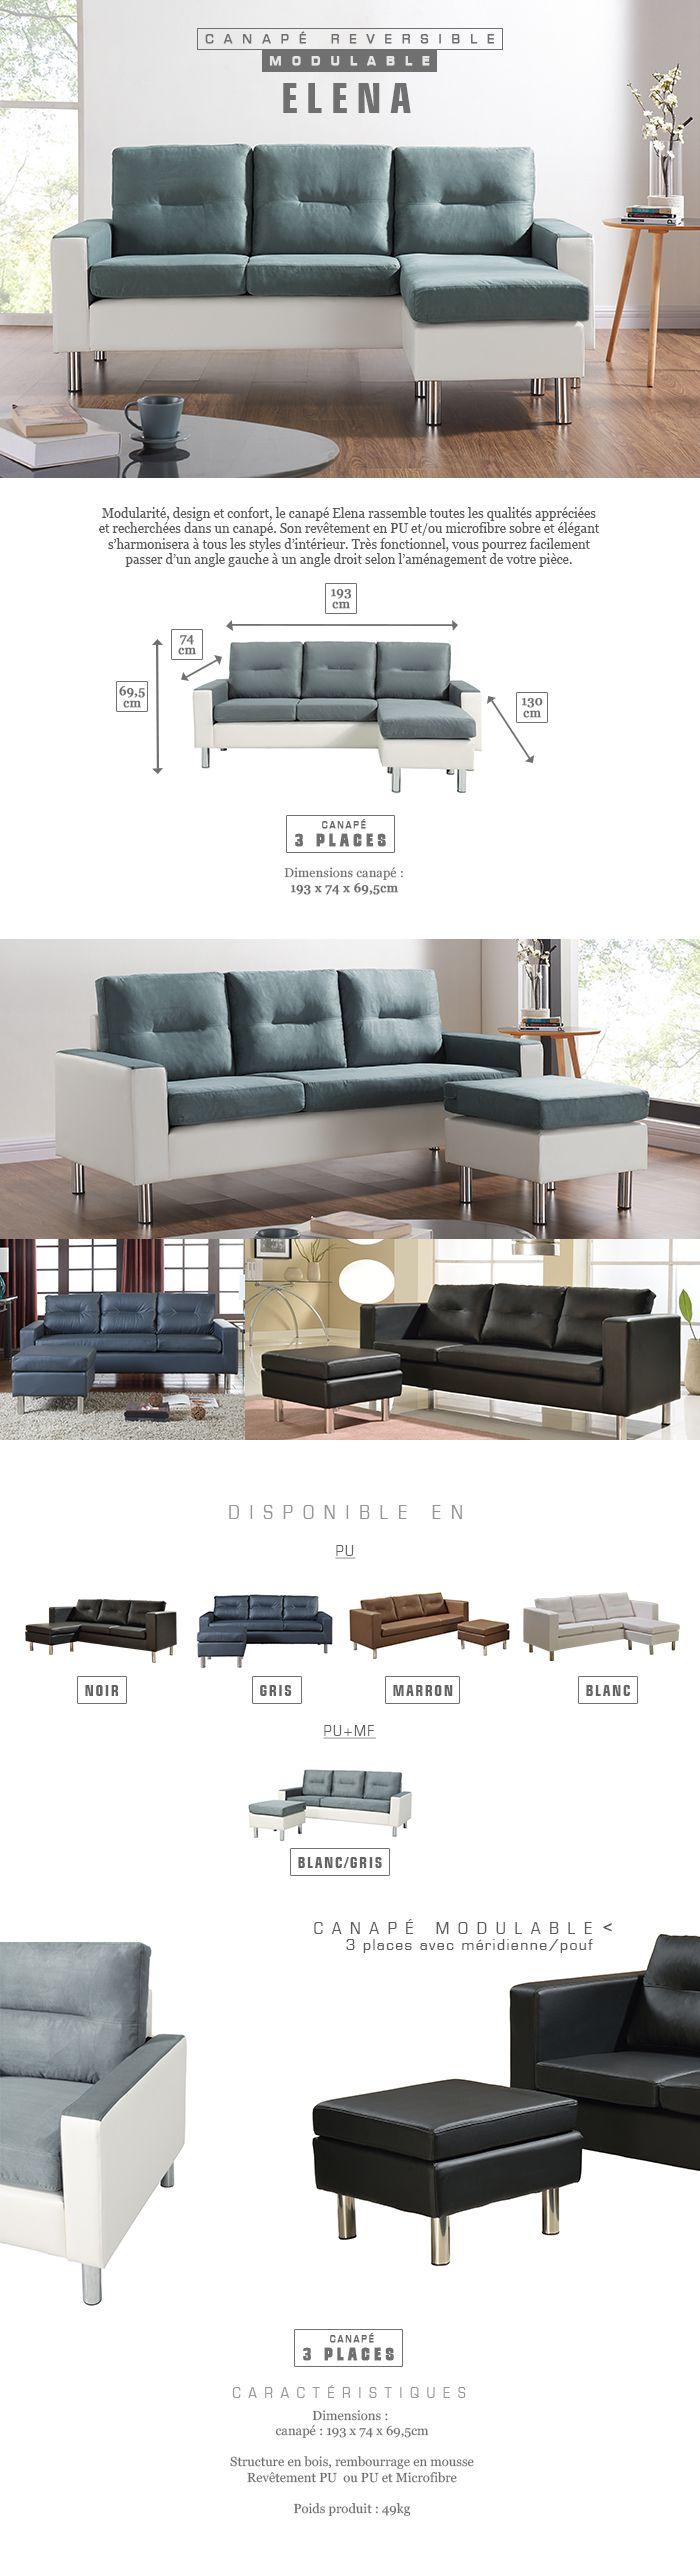 f0ac36142f5 Avis client   ELENA Canapé d angle réversible modulable 3 places - Tissu  gris et simili blanc - Contemporain - L 193 x P 74 - 130 cm